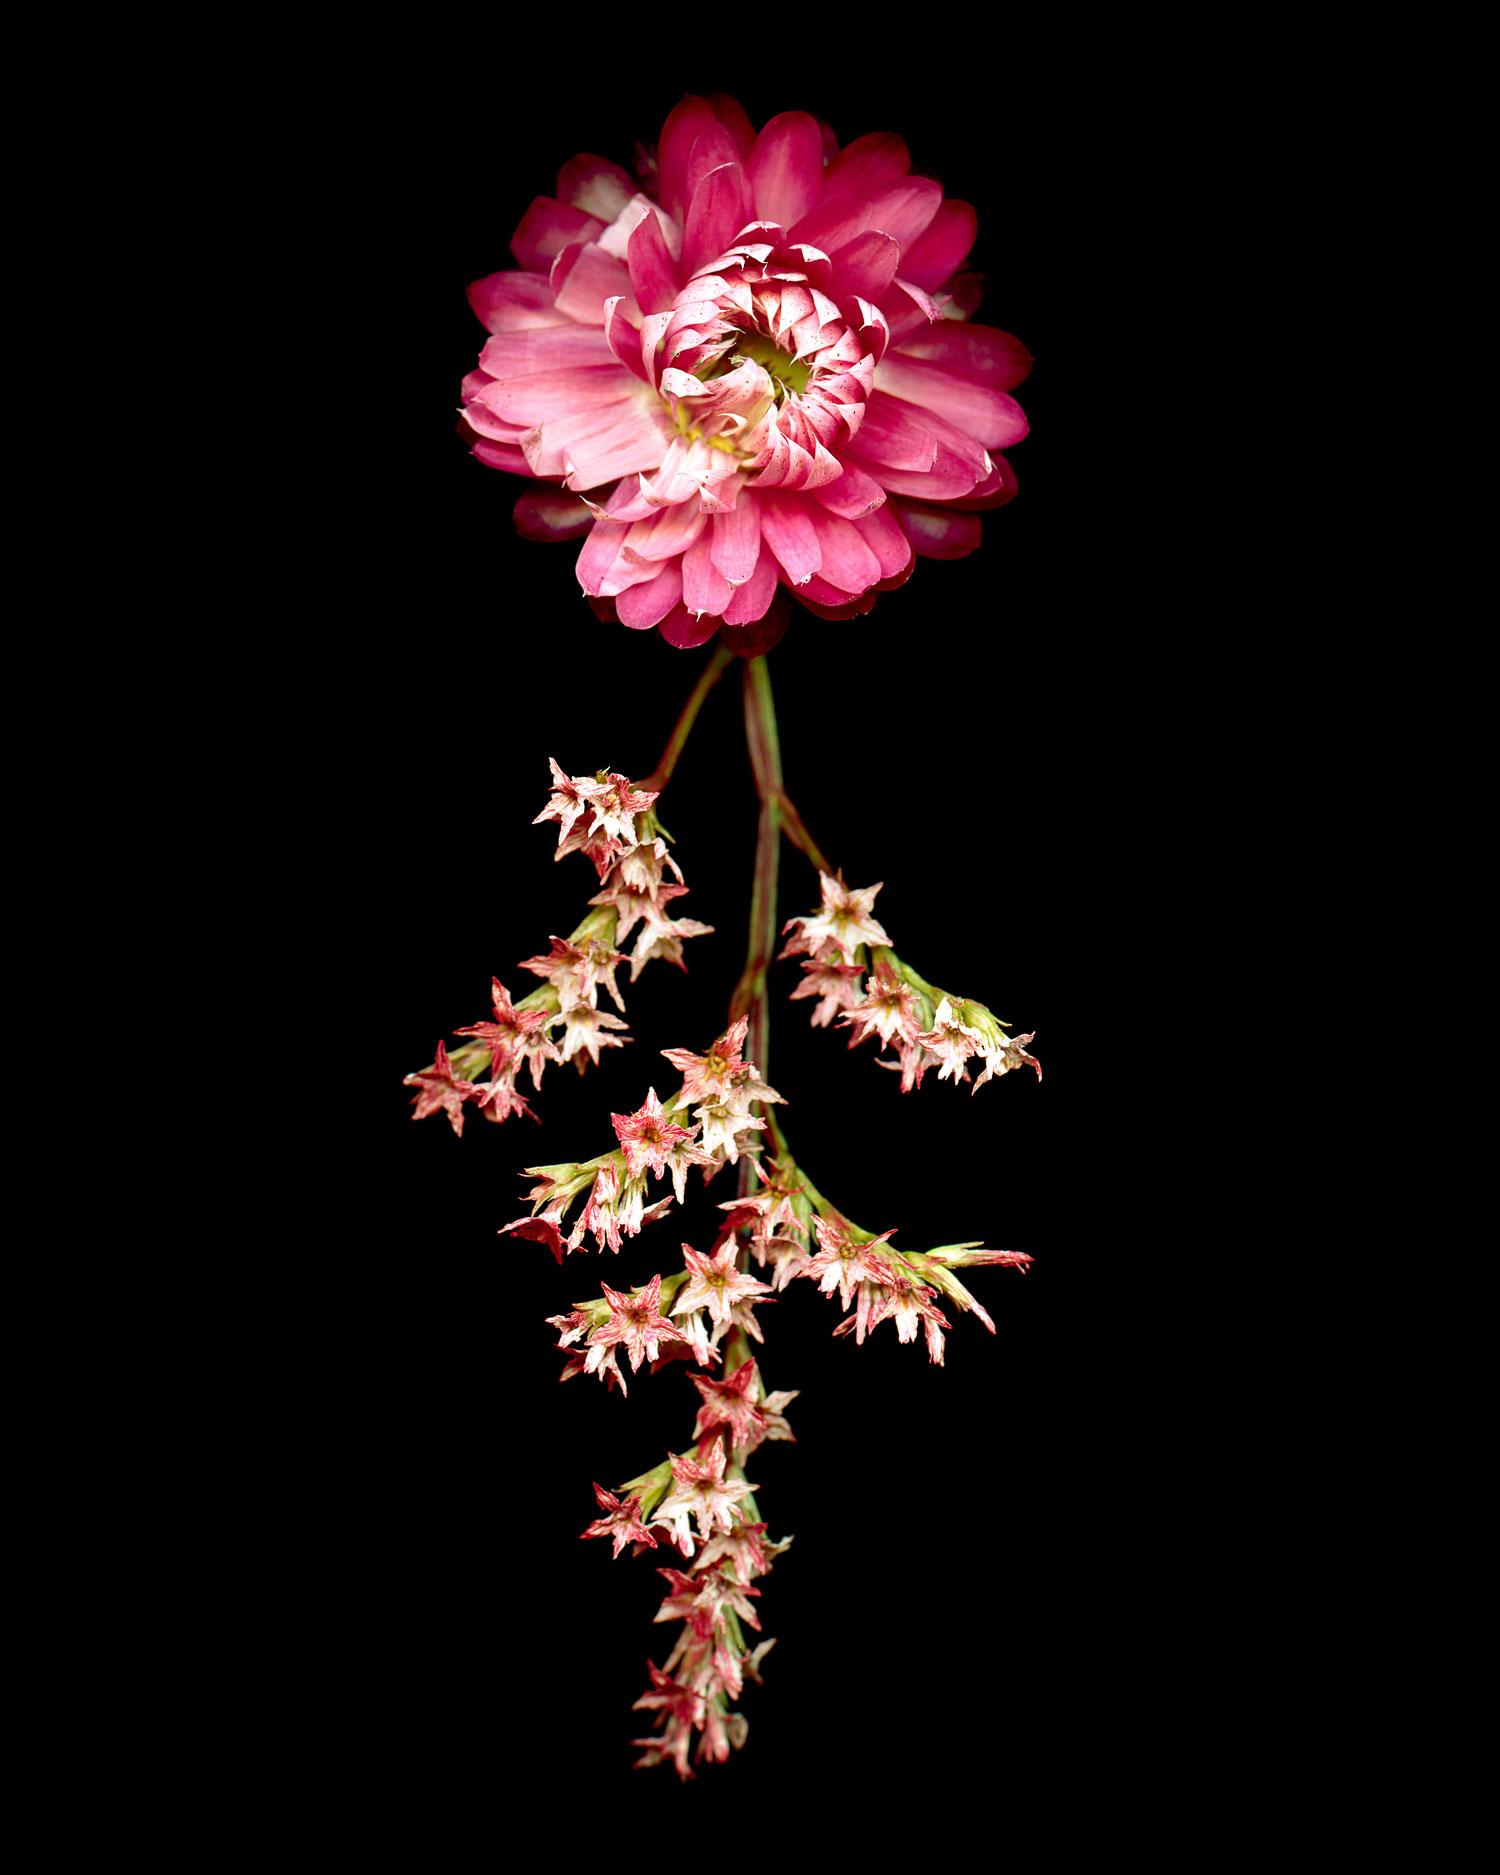 flowers008.jpg